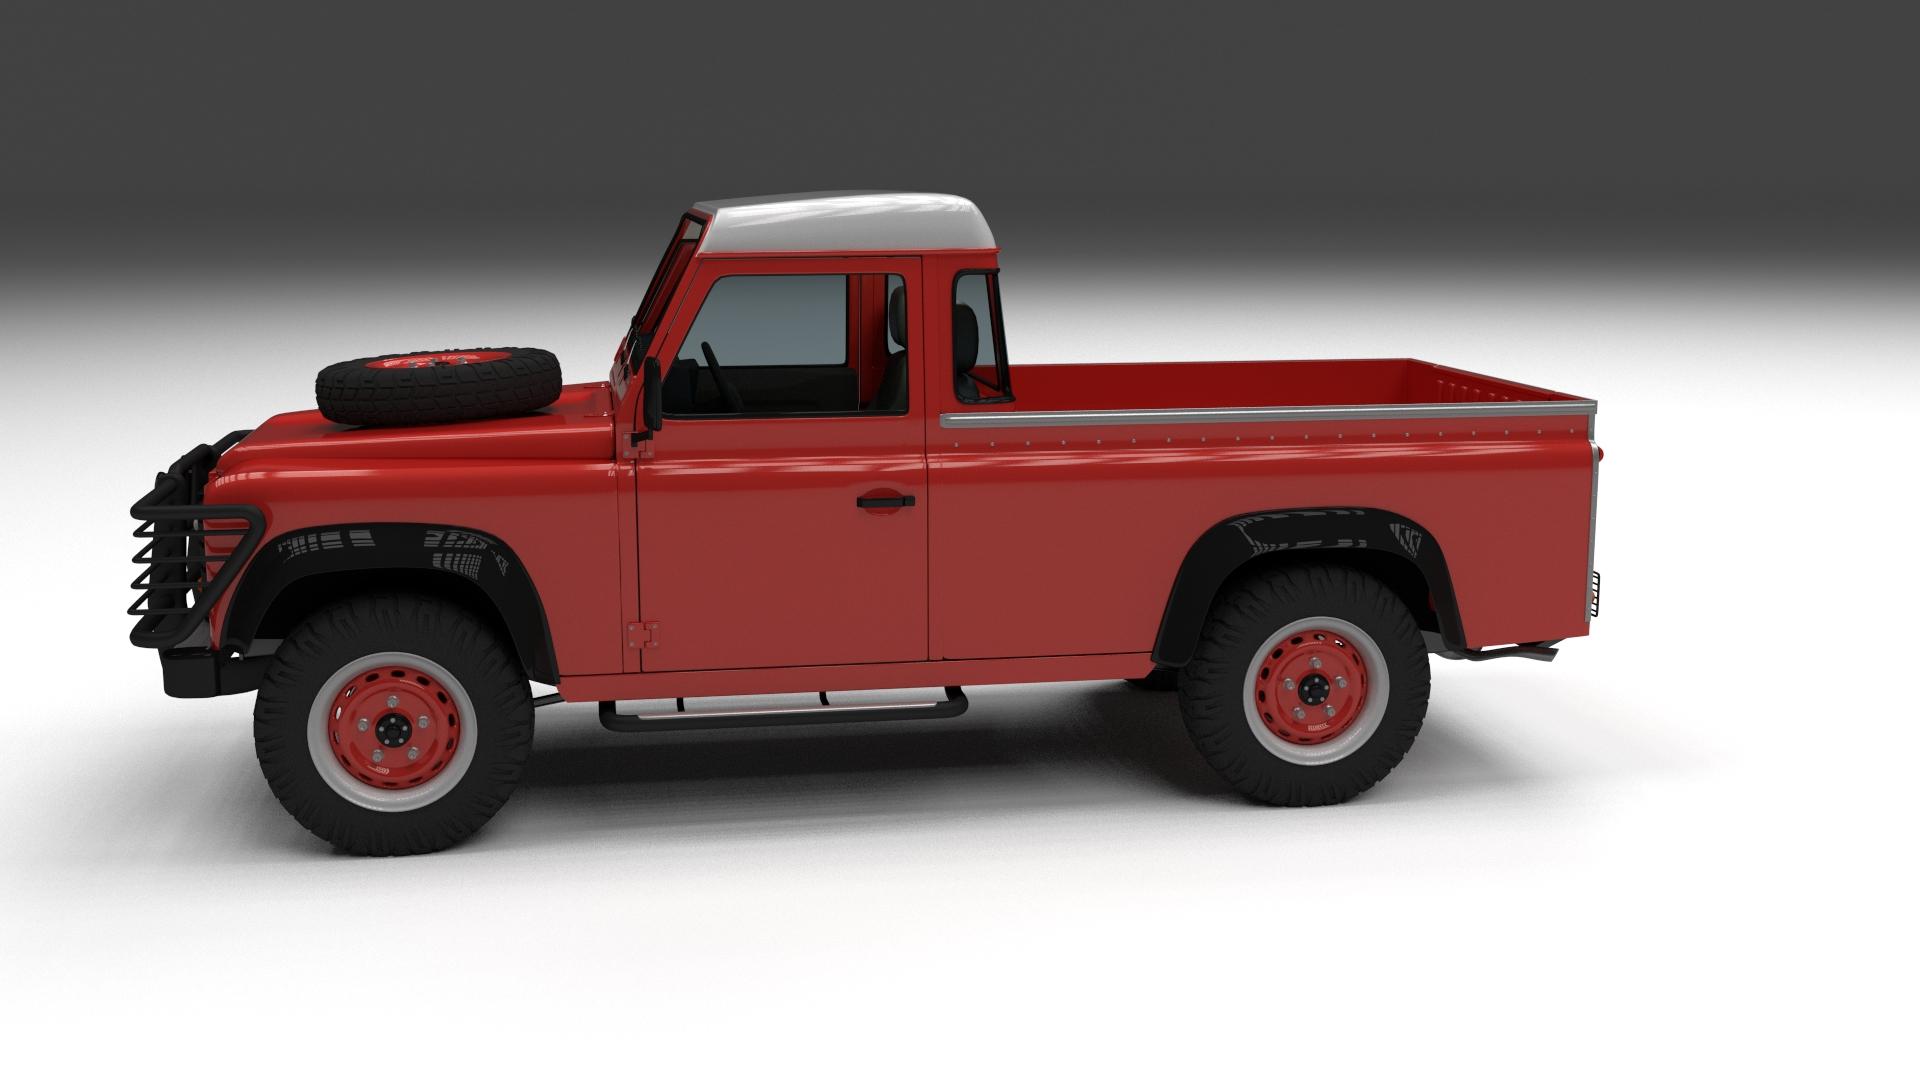 land rover defender 110 pick up w interior 3d model. Black Bedroom Furniture Sets. Home Design Ideas